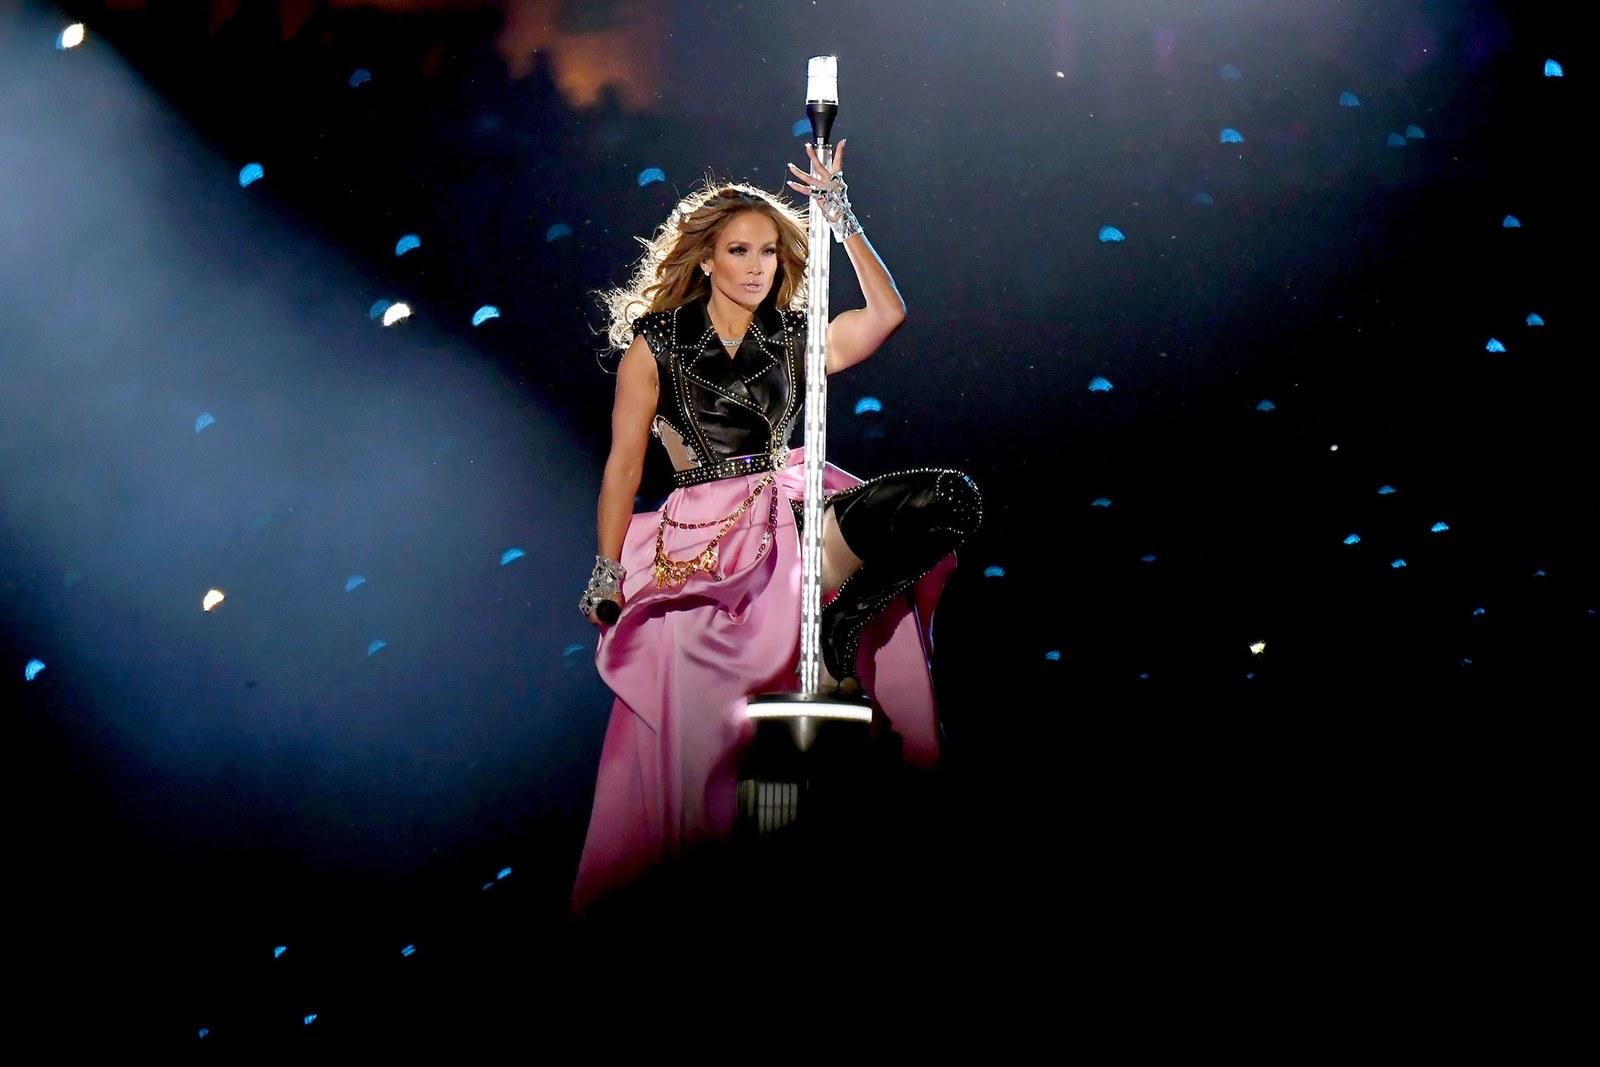 Jennifer Lopez thay đồ chỉ trong 8 giây, Shakira mặc váy đính 20.000 viên Swavroski tại Super Bowl Halftime Show 2020 1